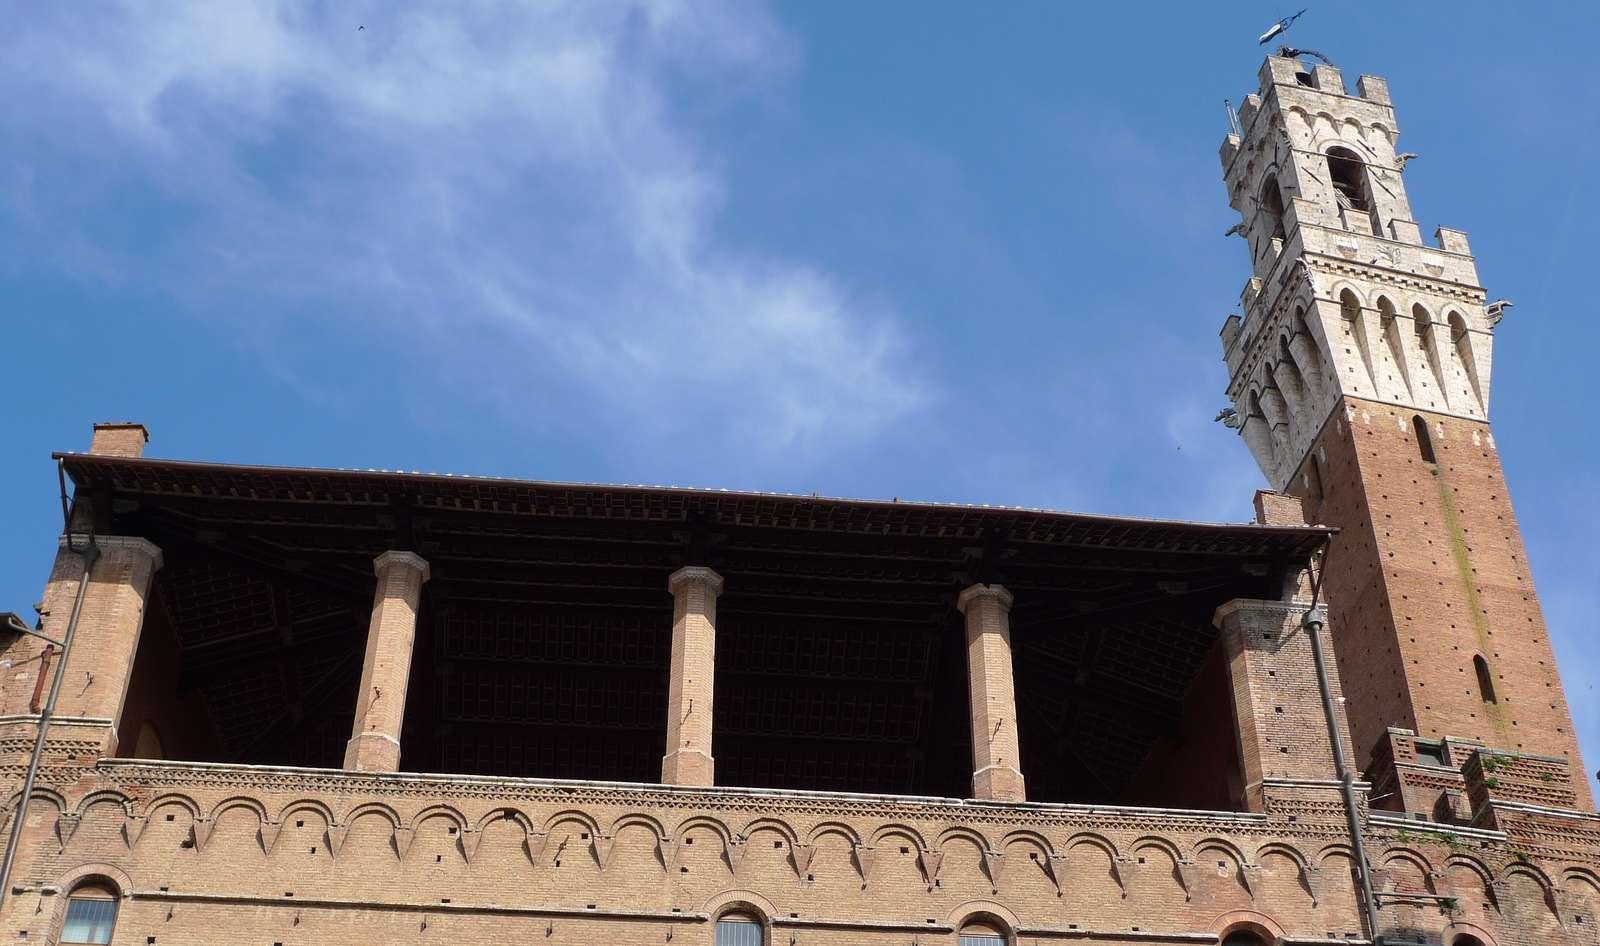 Palazzo Pubblicos stora altan ut mot Piazza del Mercato